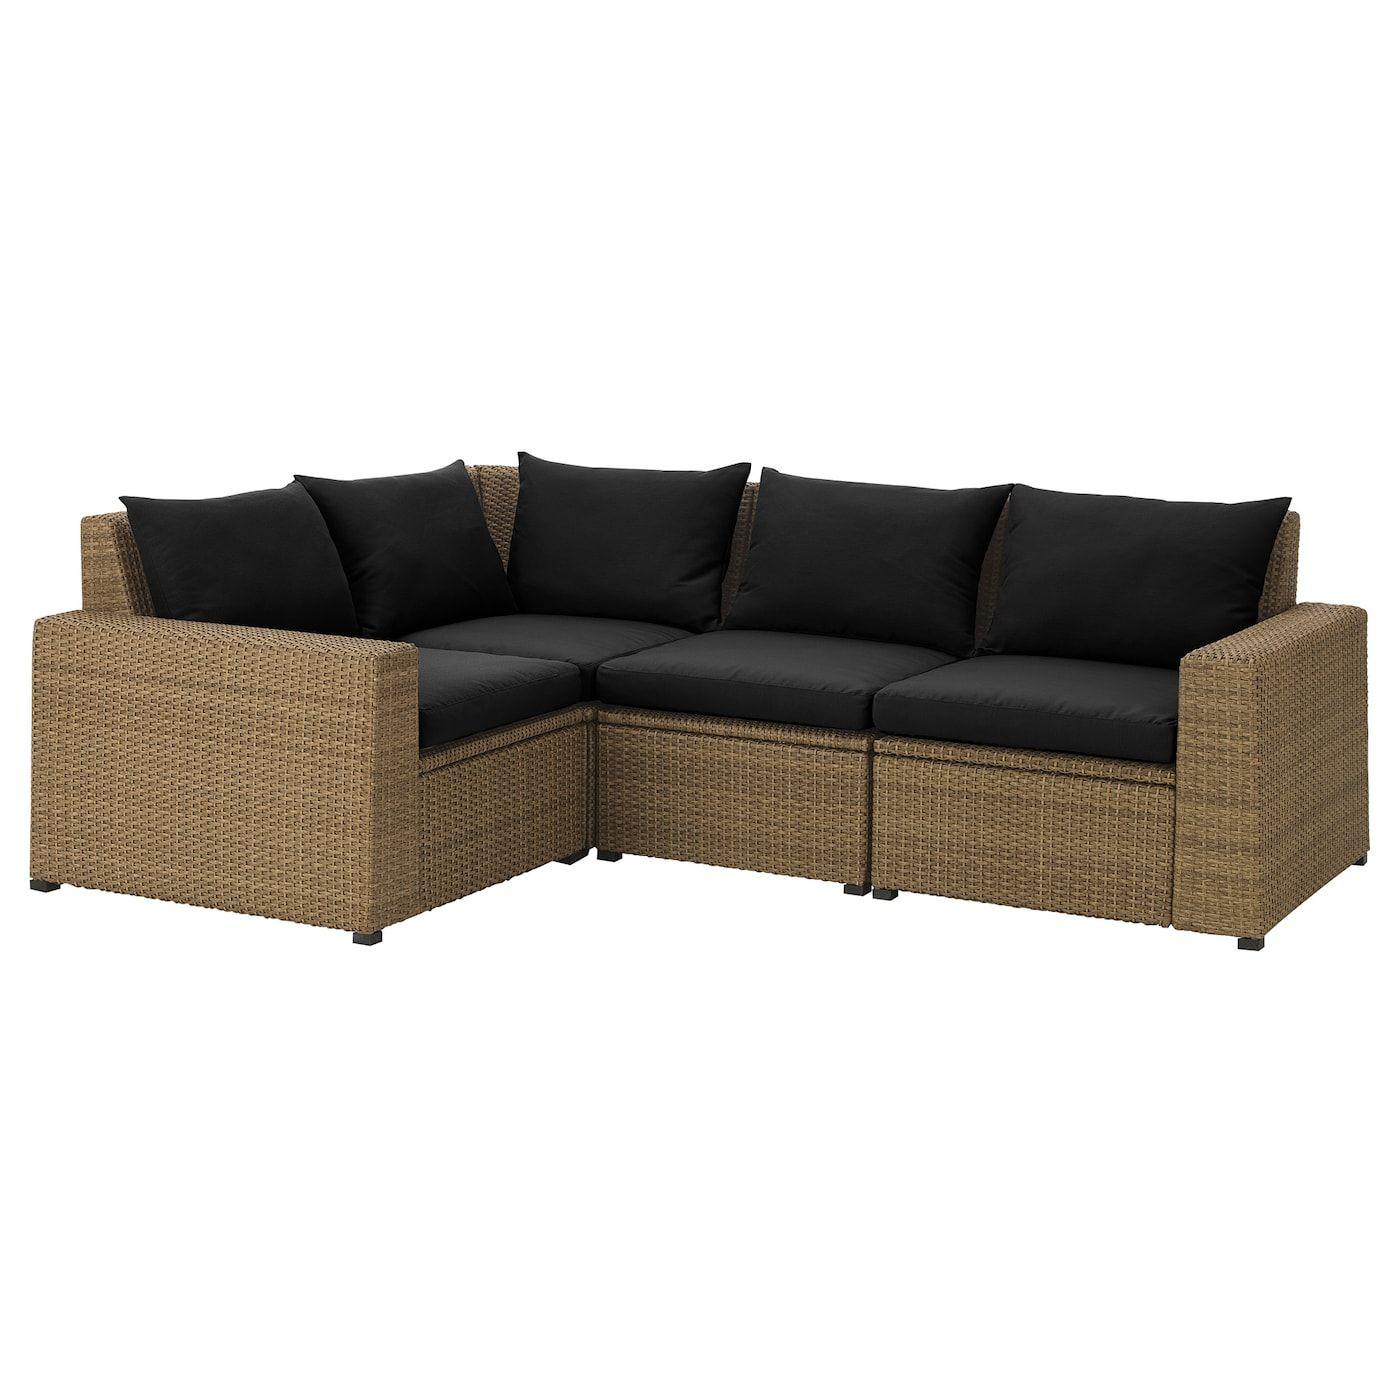 Best Ikea Solleron Brown Hållö Black Modular Corner Sofa 3 640 x 480